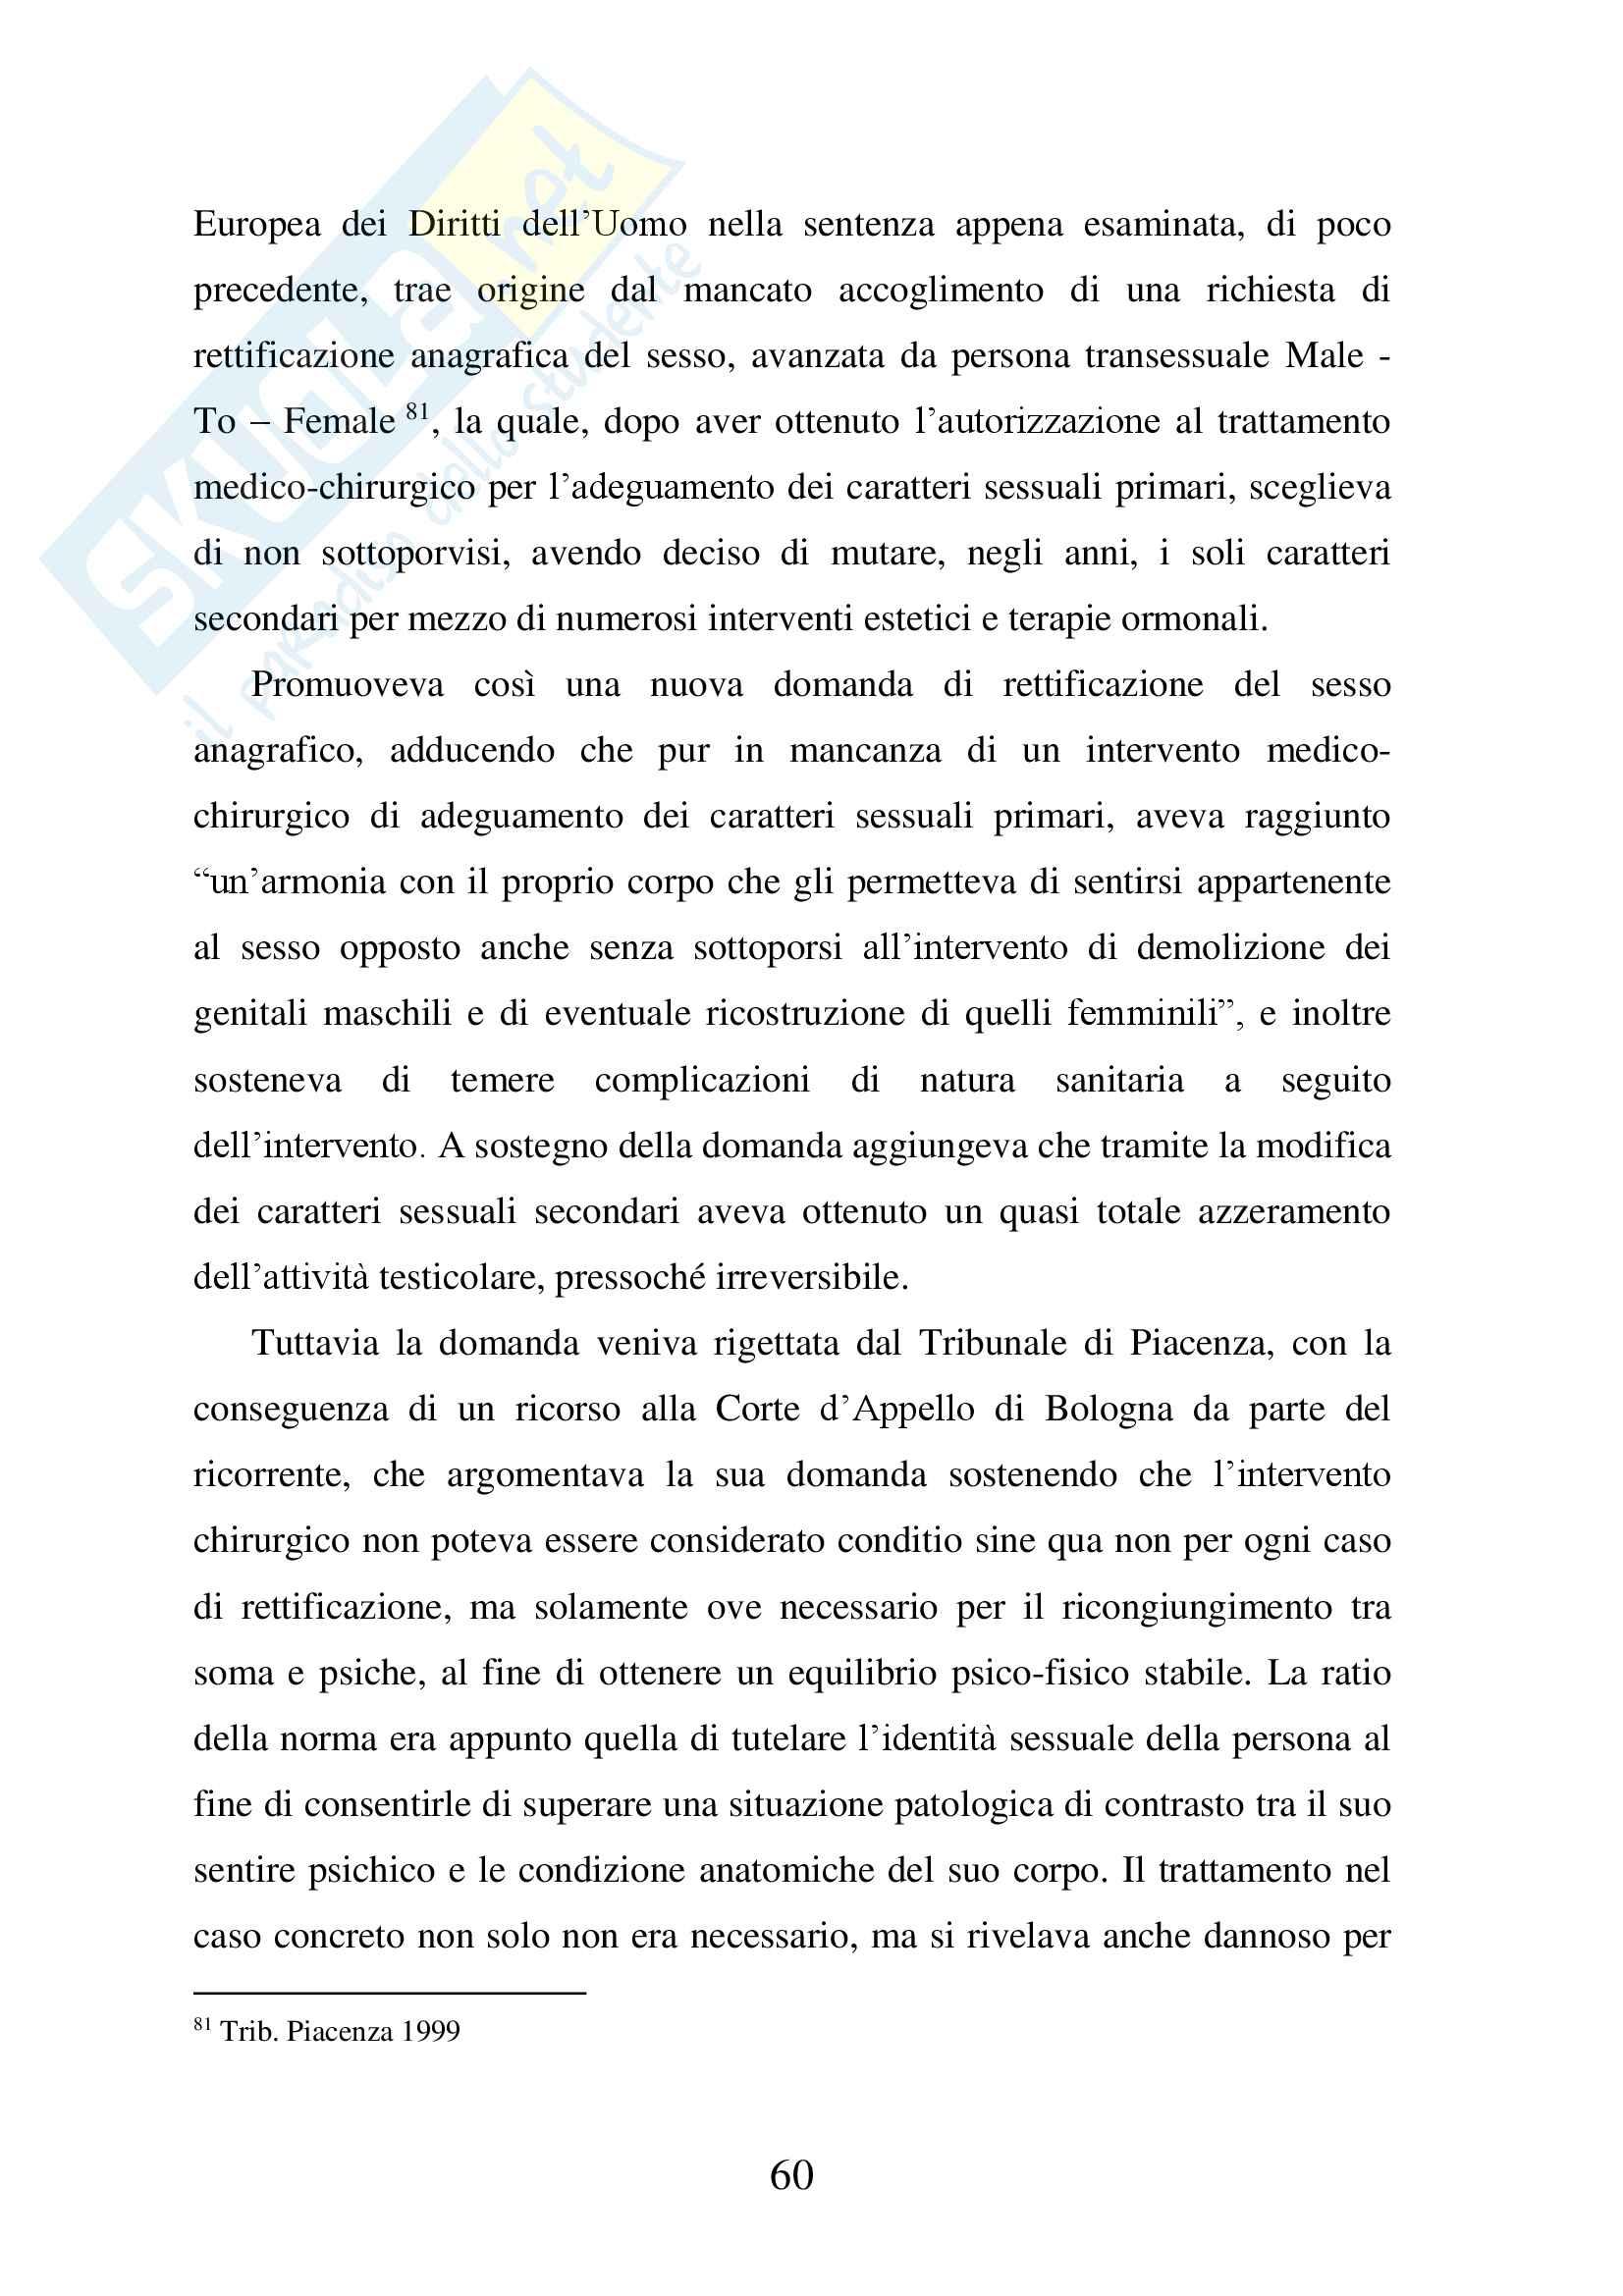 Tesi Specialistica sulla Disciplina giuridica del mutamento di sesso Pag. 61